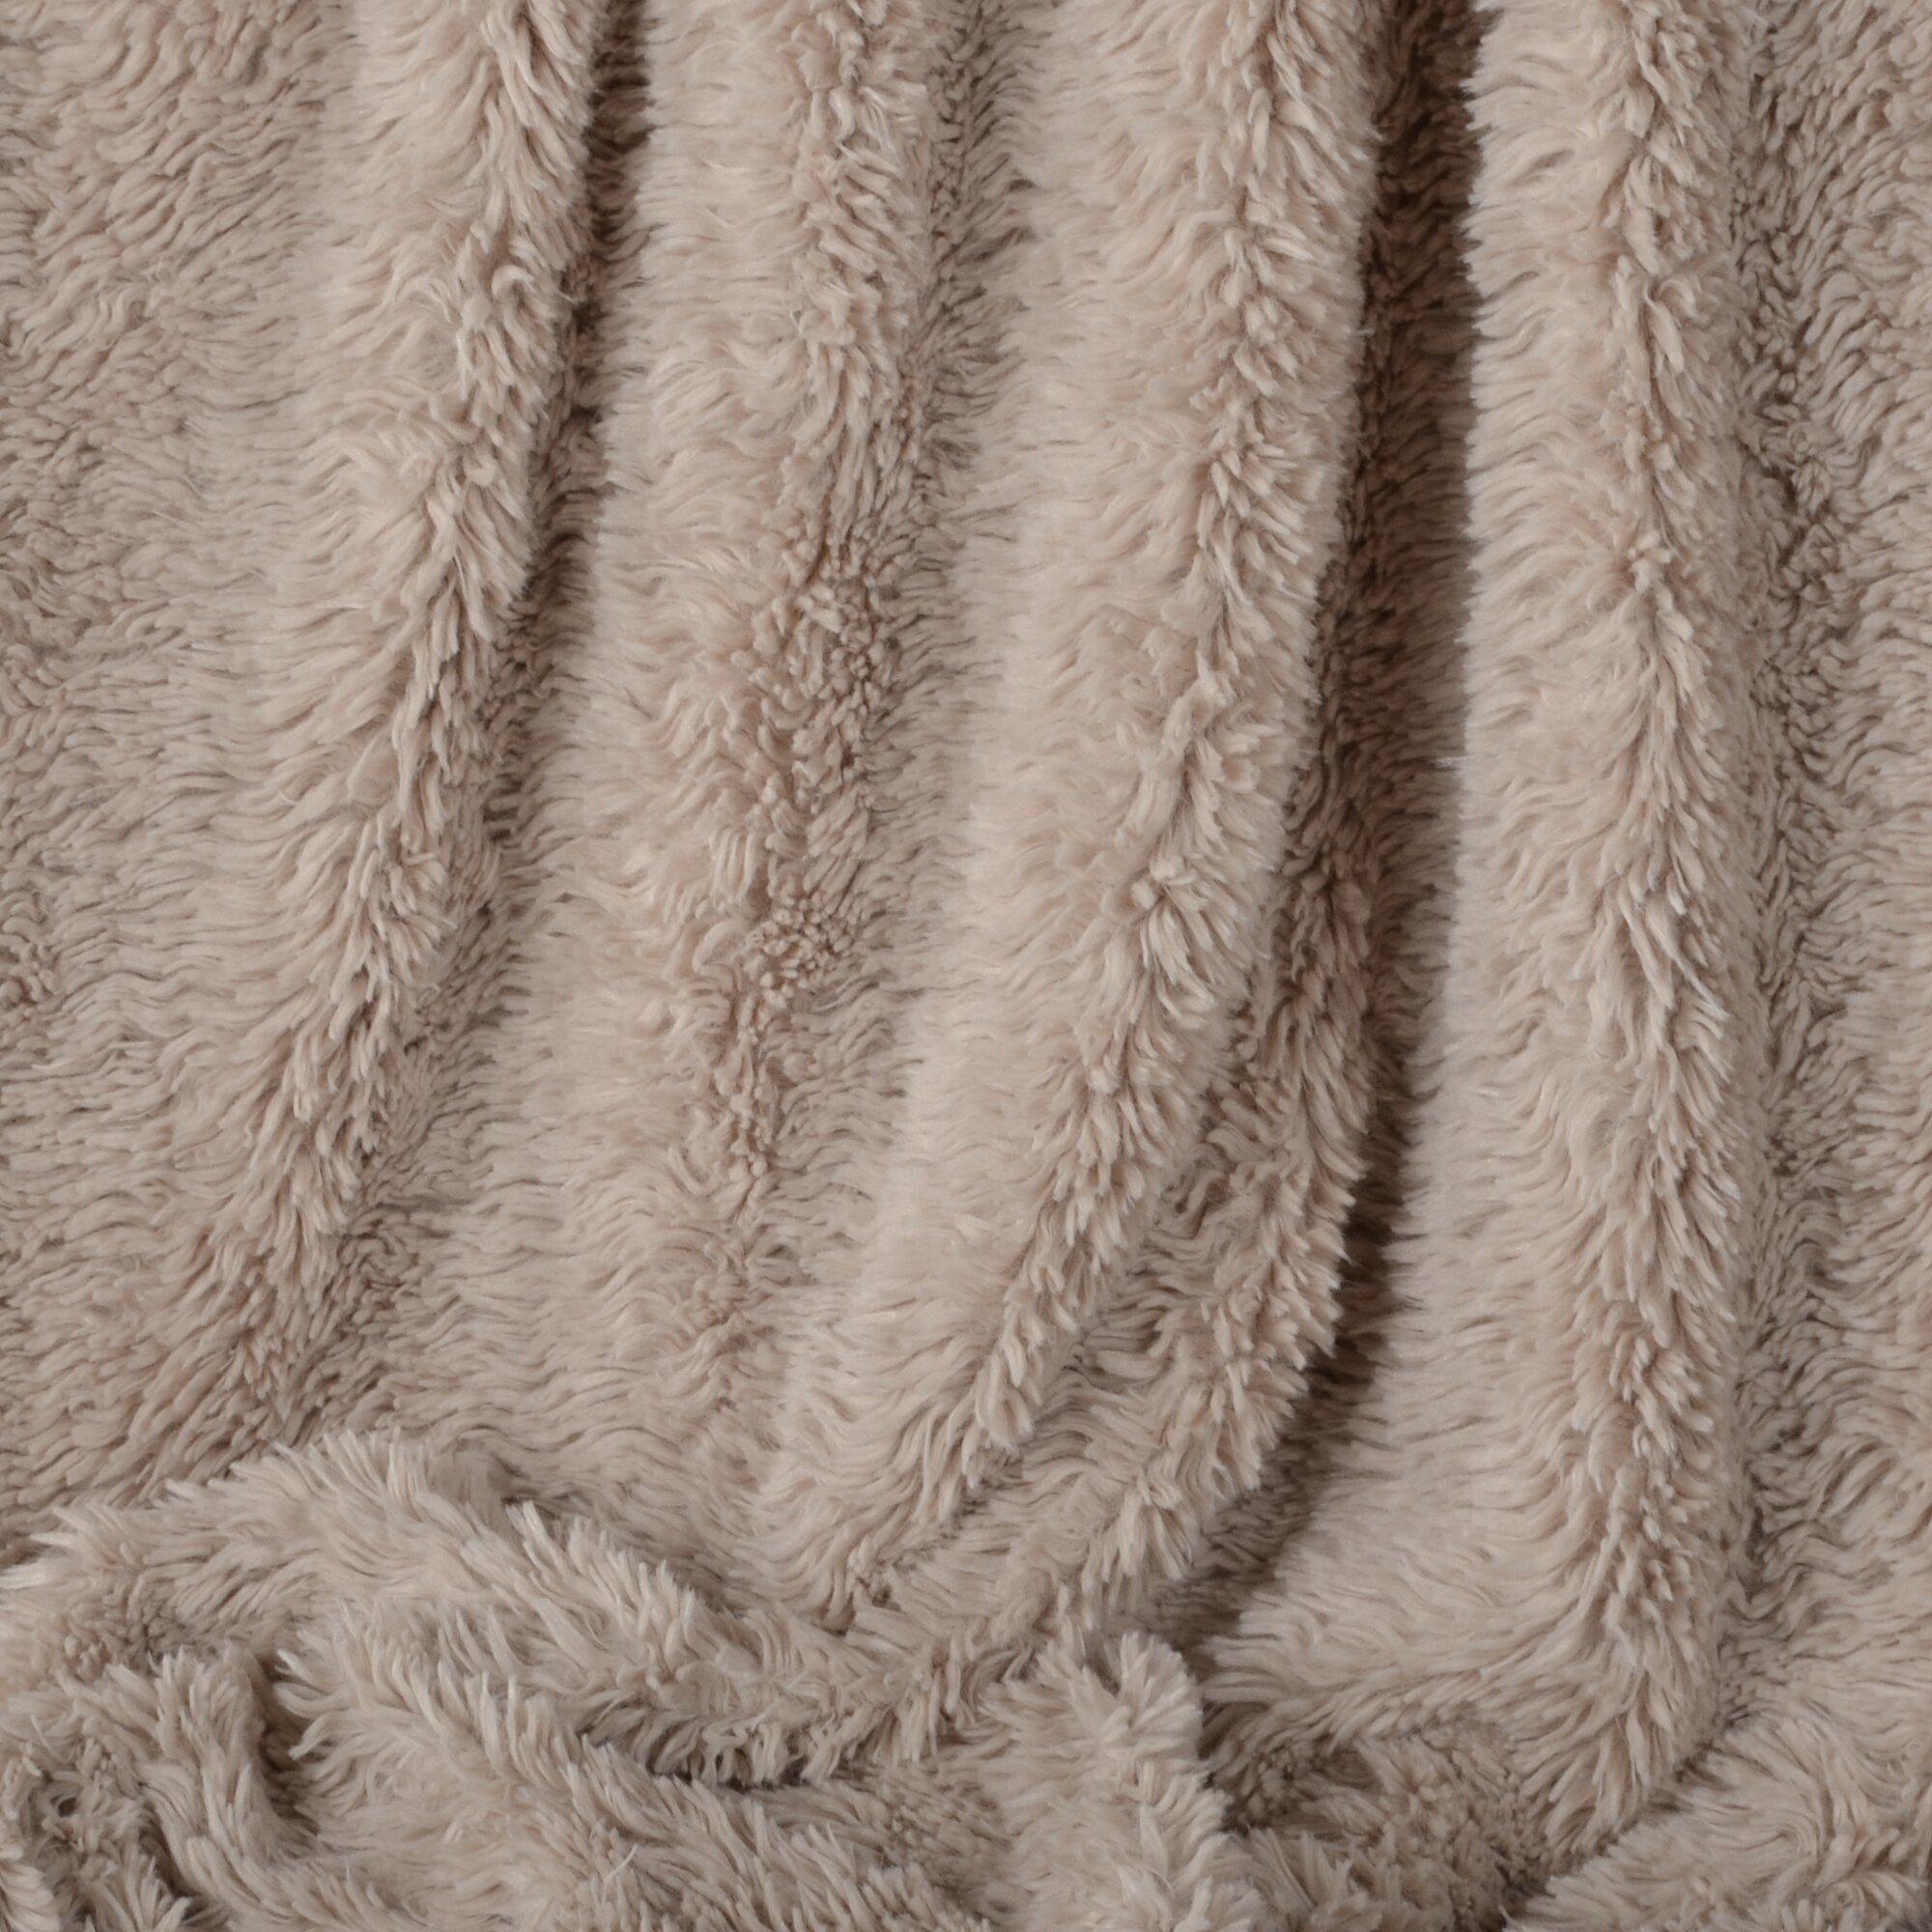 Berkshire Blanket Norwegian Furry Luxe Throw Wayfair